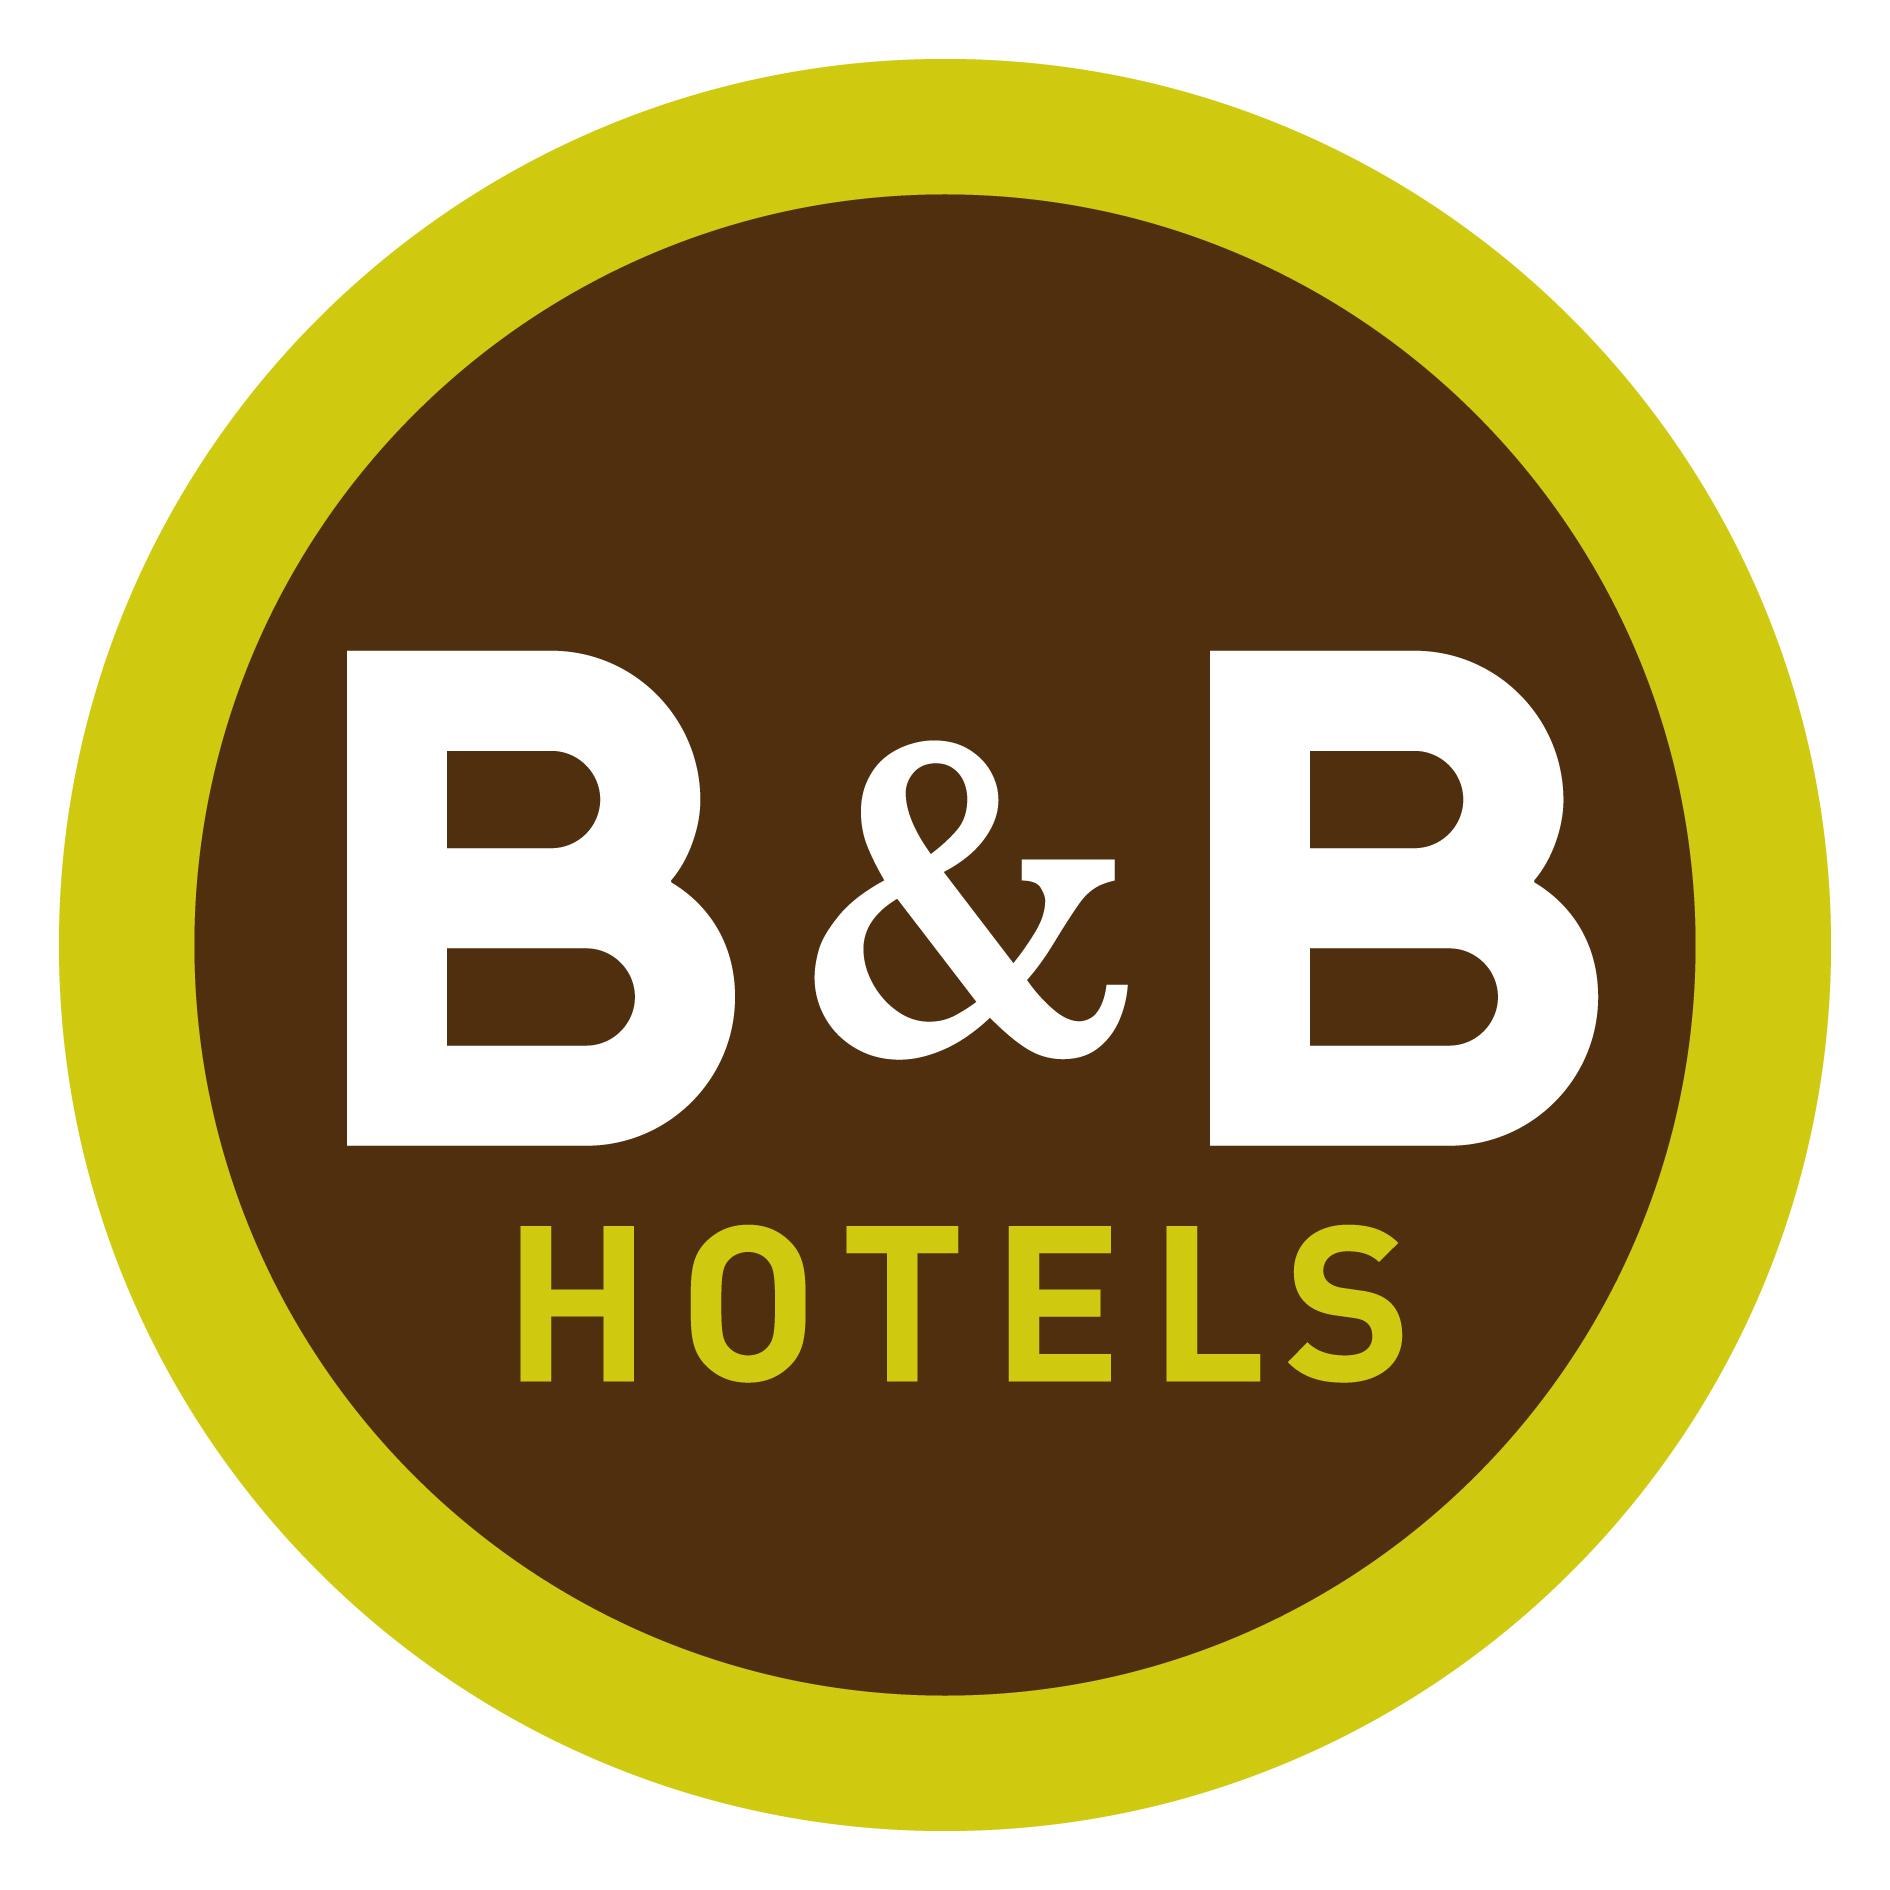 Hôtels signe un contrat de collaboration avec la société ...: wellcom.fr/presse/bb-hotels/2013/01/bb-hotels-signe-un-contrat-de...